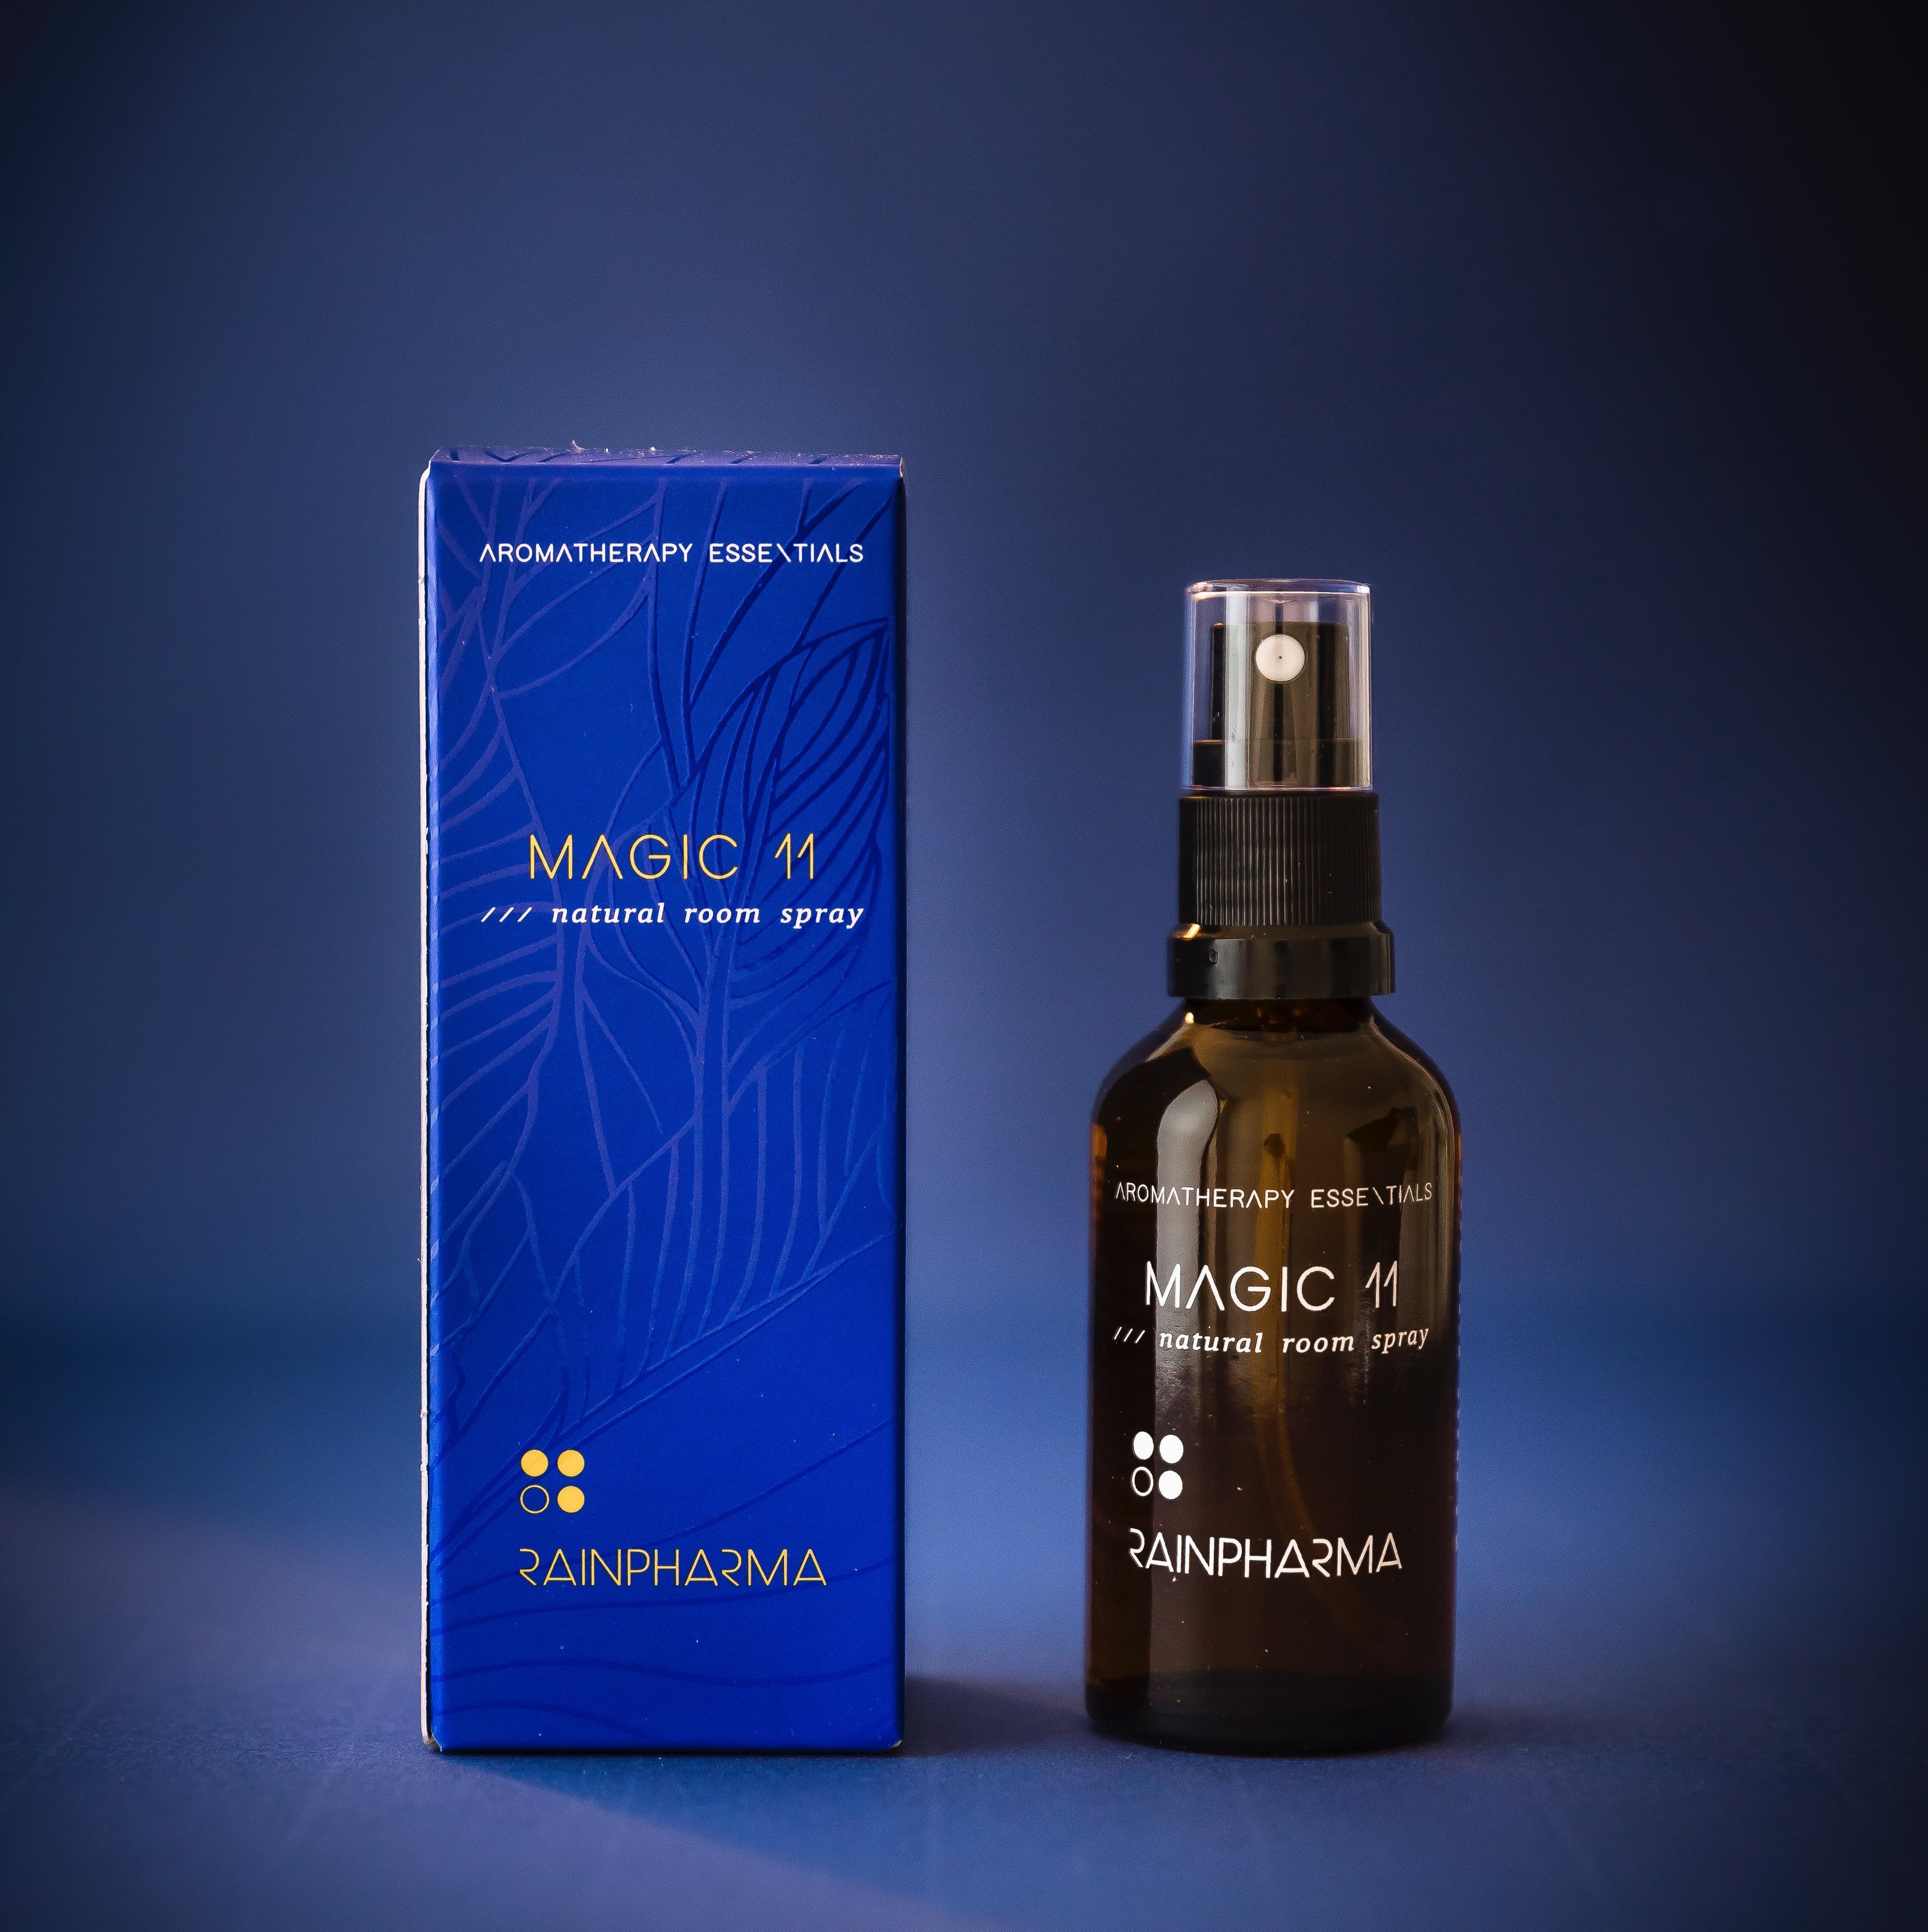 natural-room-spray-magic-11